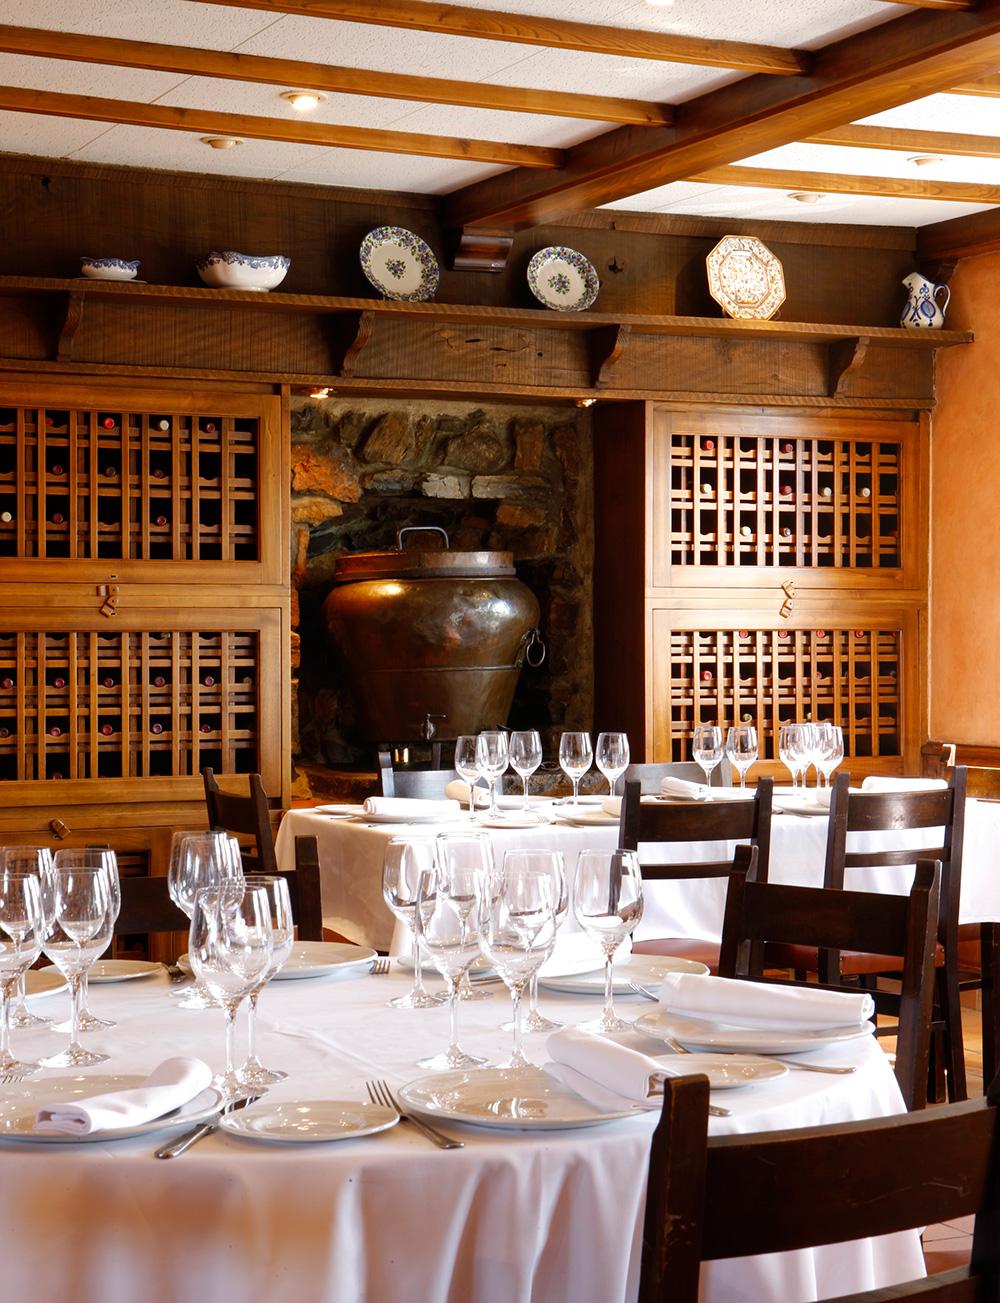 Comedor donde se sirve la mejor gastronomía asturiana